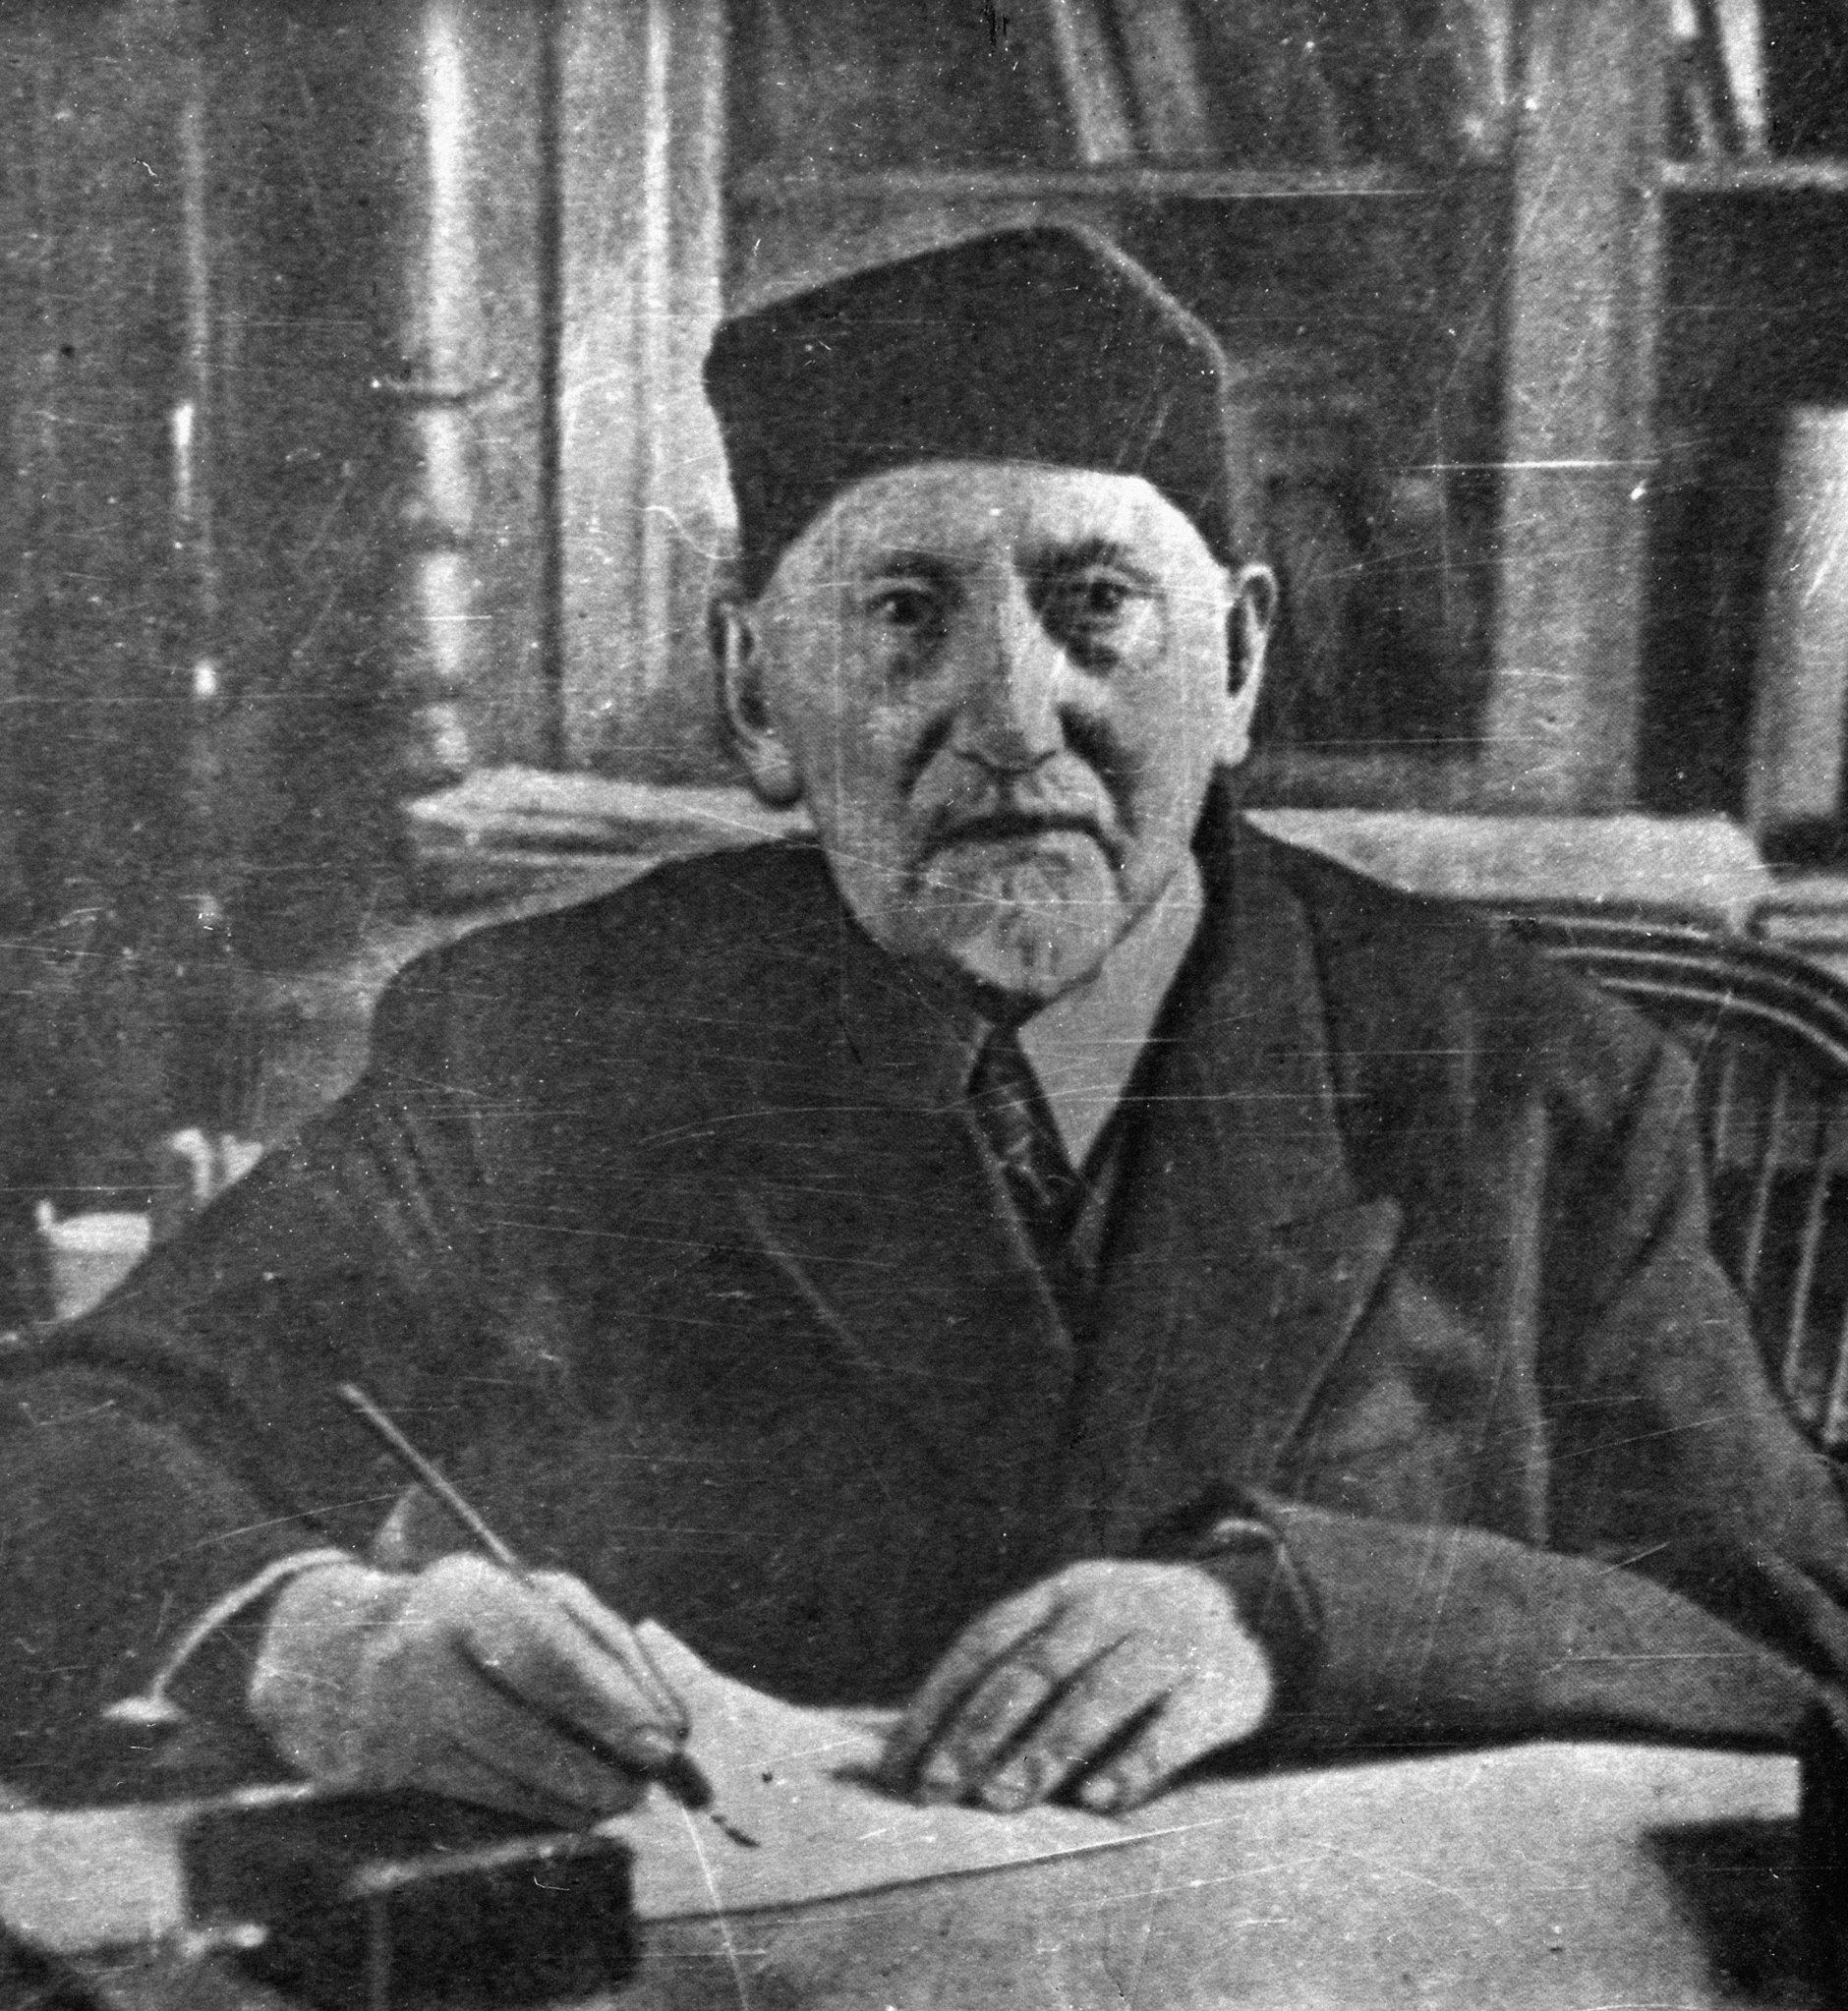 Грузинский историк, археолог Эквтиме Такаишвили